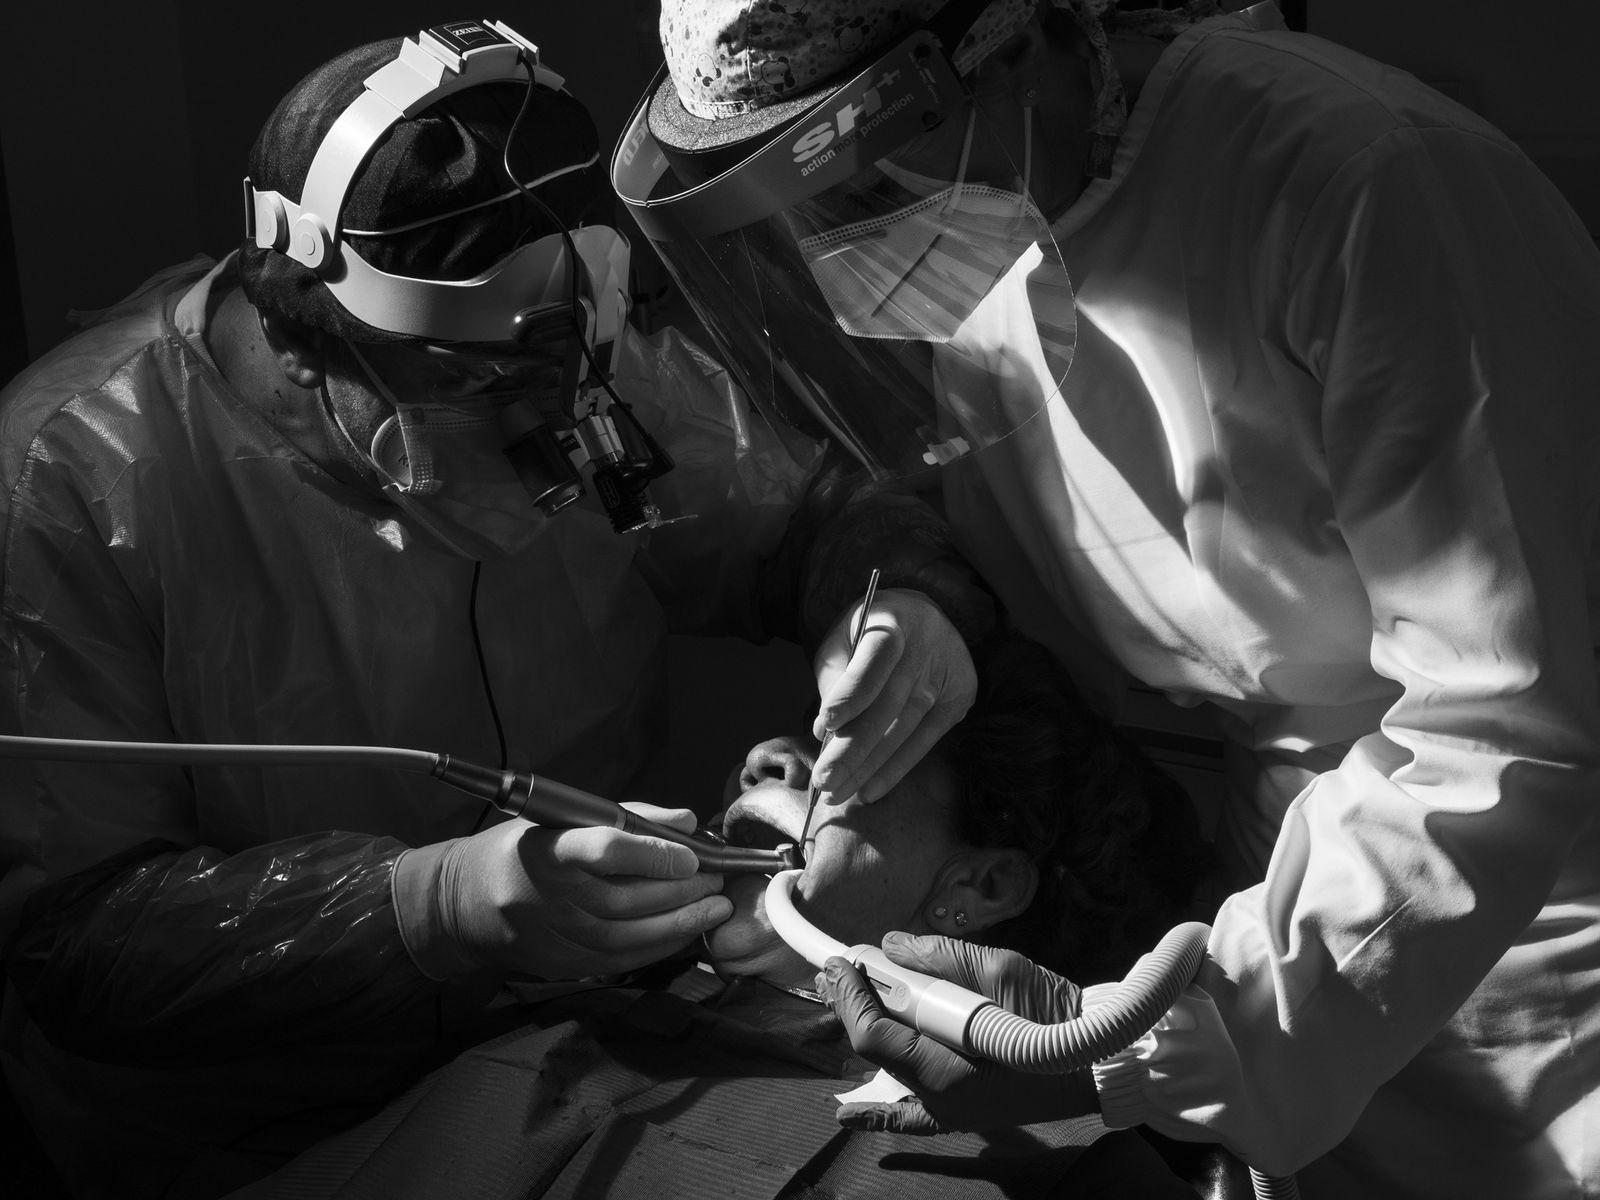 Il y a-t-il un risque à se rendre chez le dentiste pendant la pandémie ?